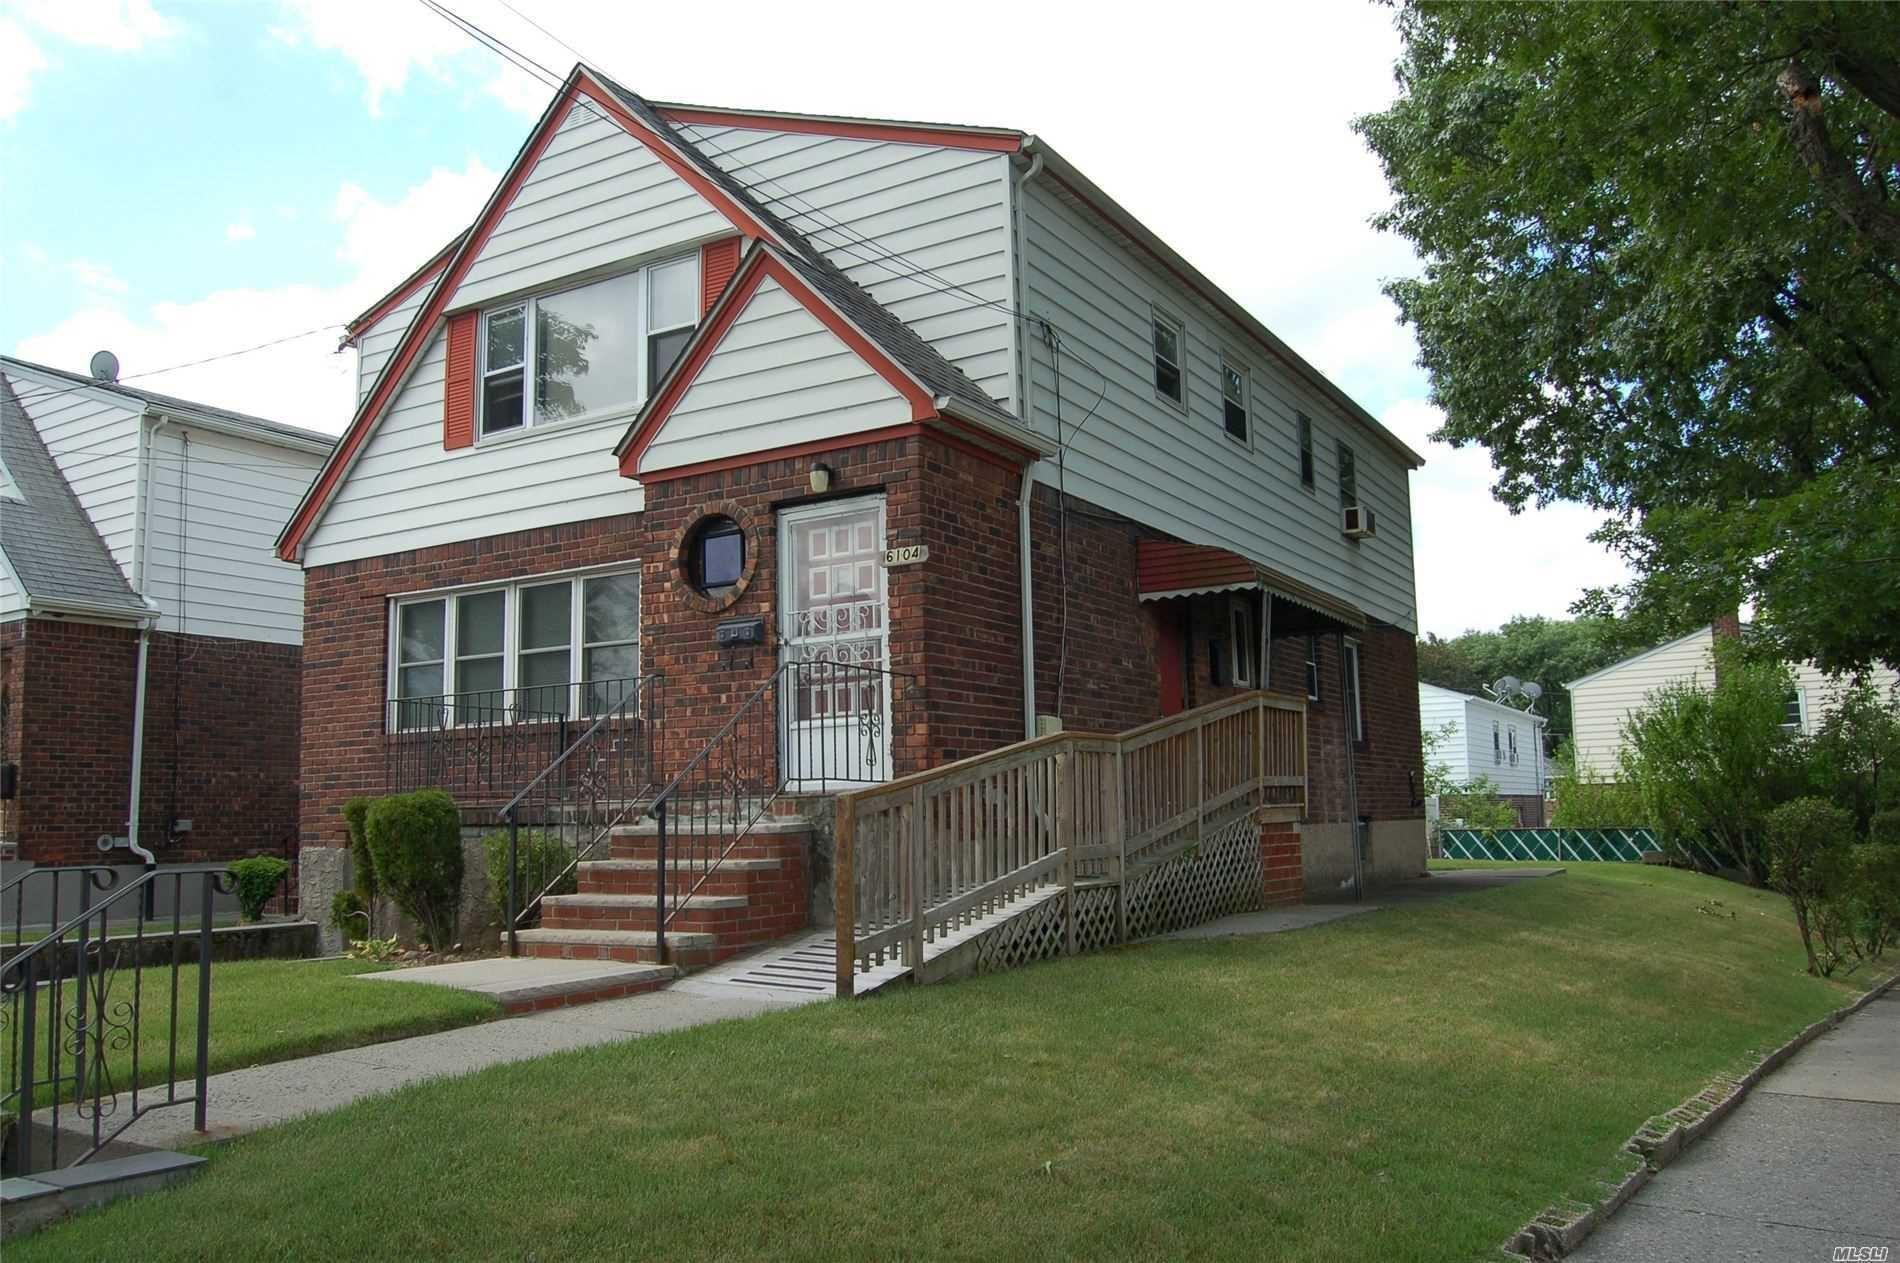 6104 228 Street, Bayside, NY 11364 - MLS#: 3237507